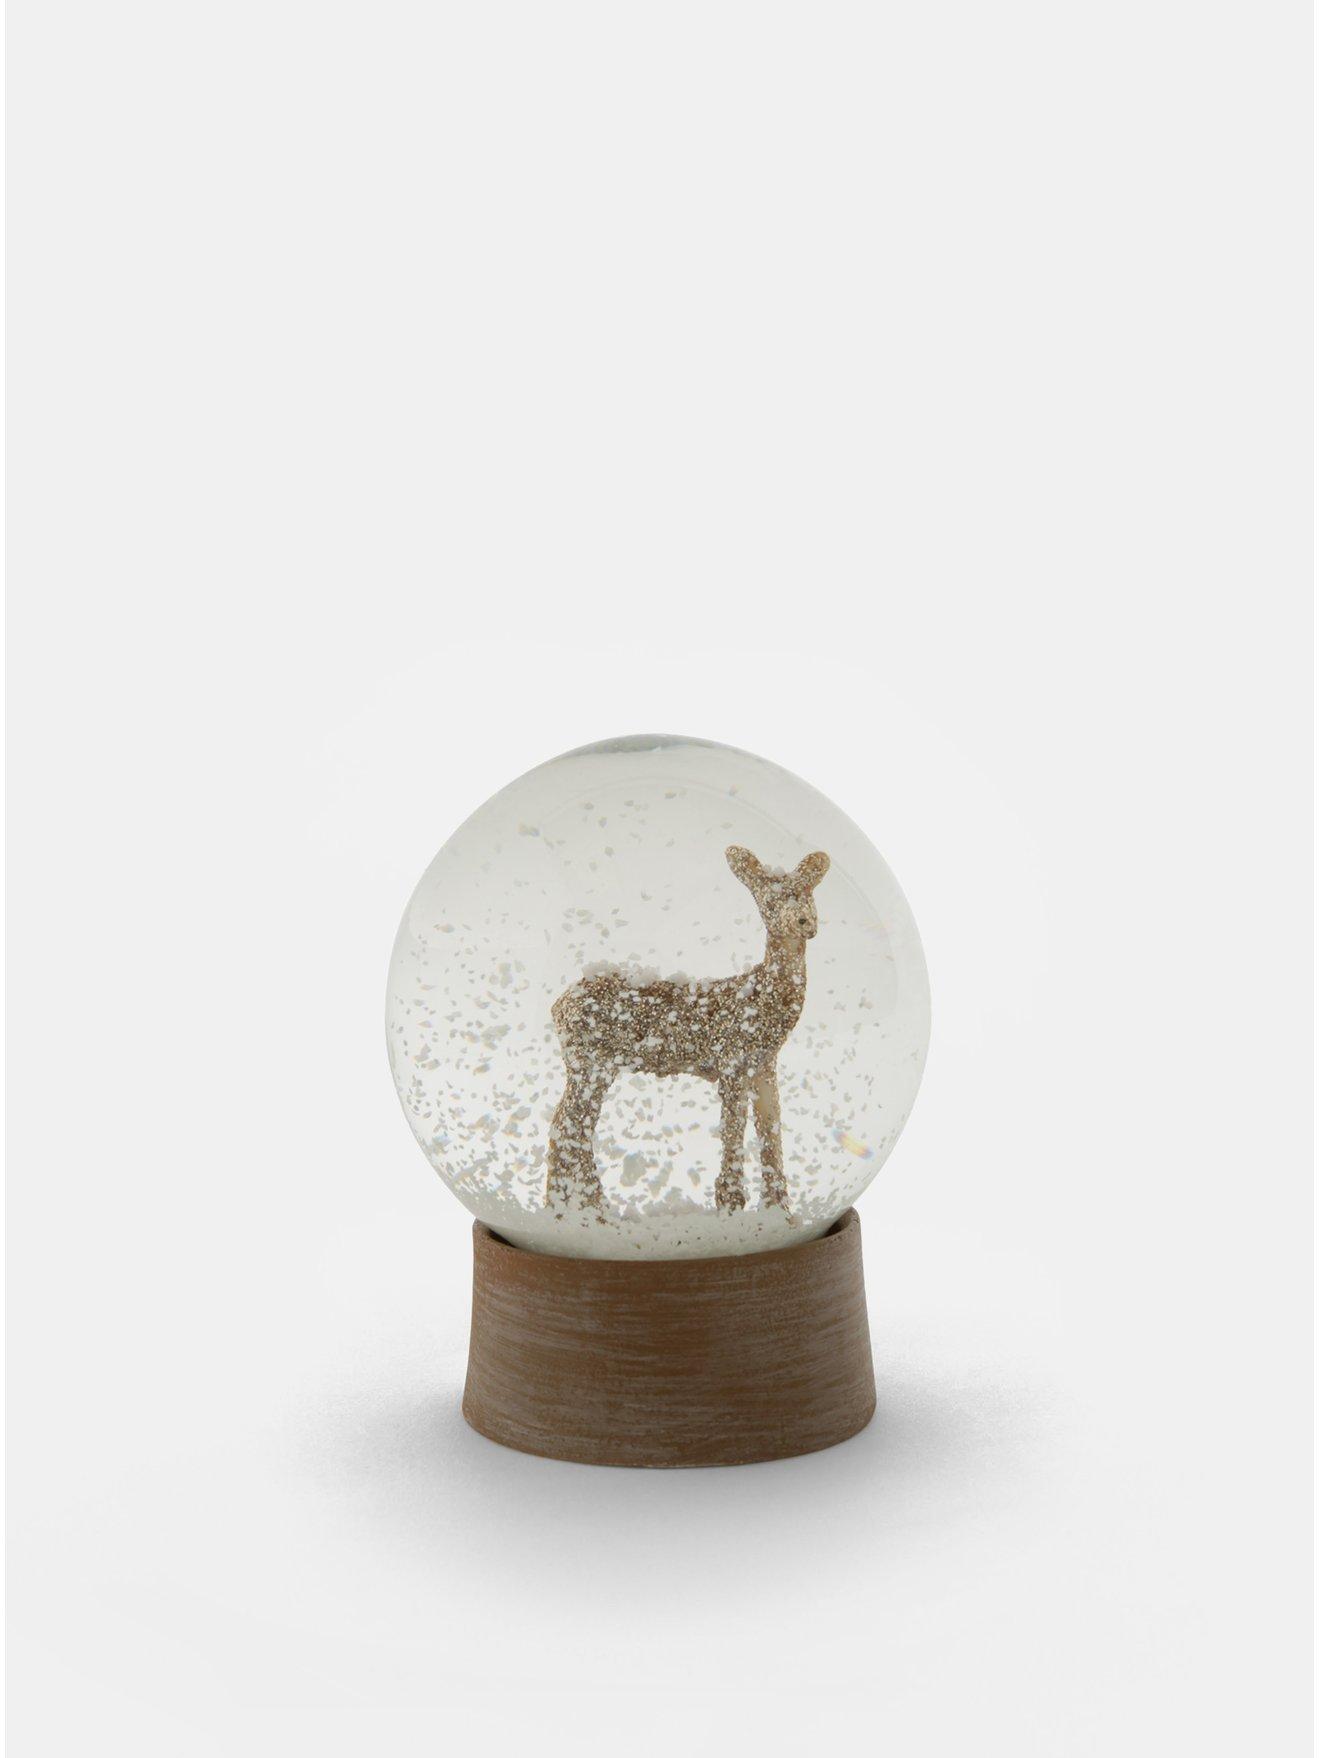 Hnědé vánoční sněžítko s motivem srnky Sass & Belle Glitzy Gold Deer